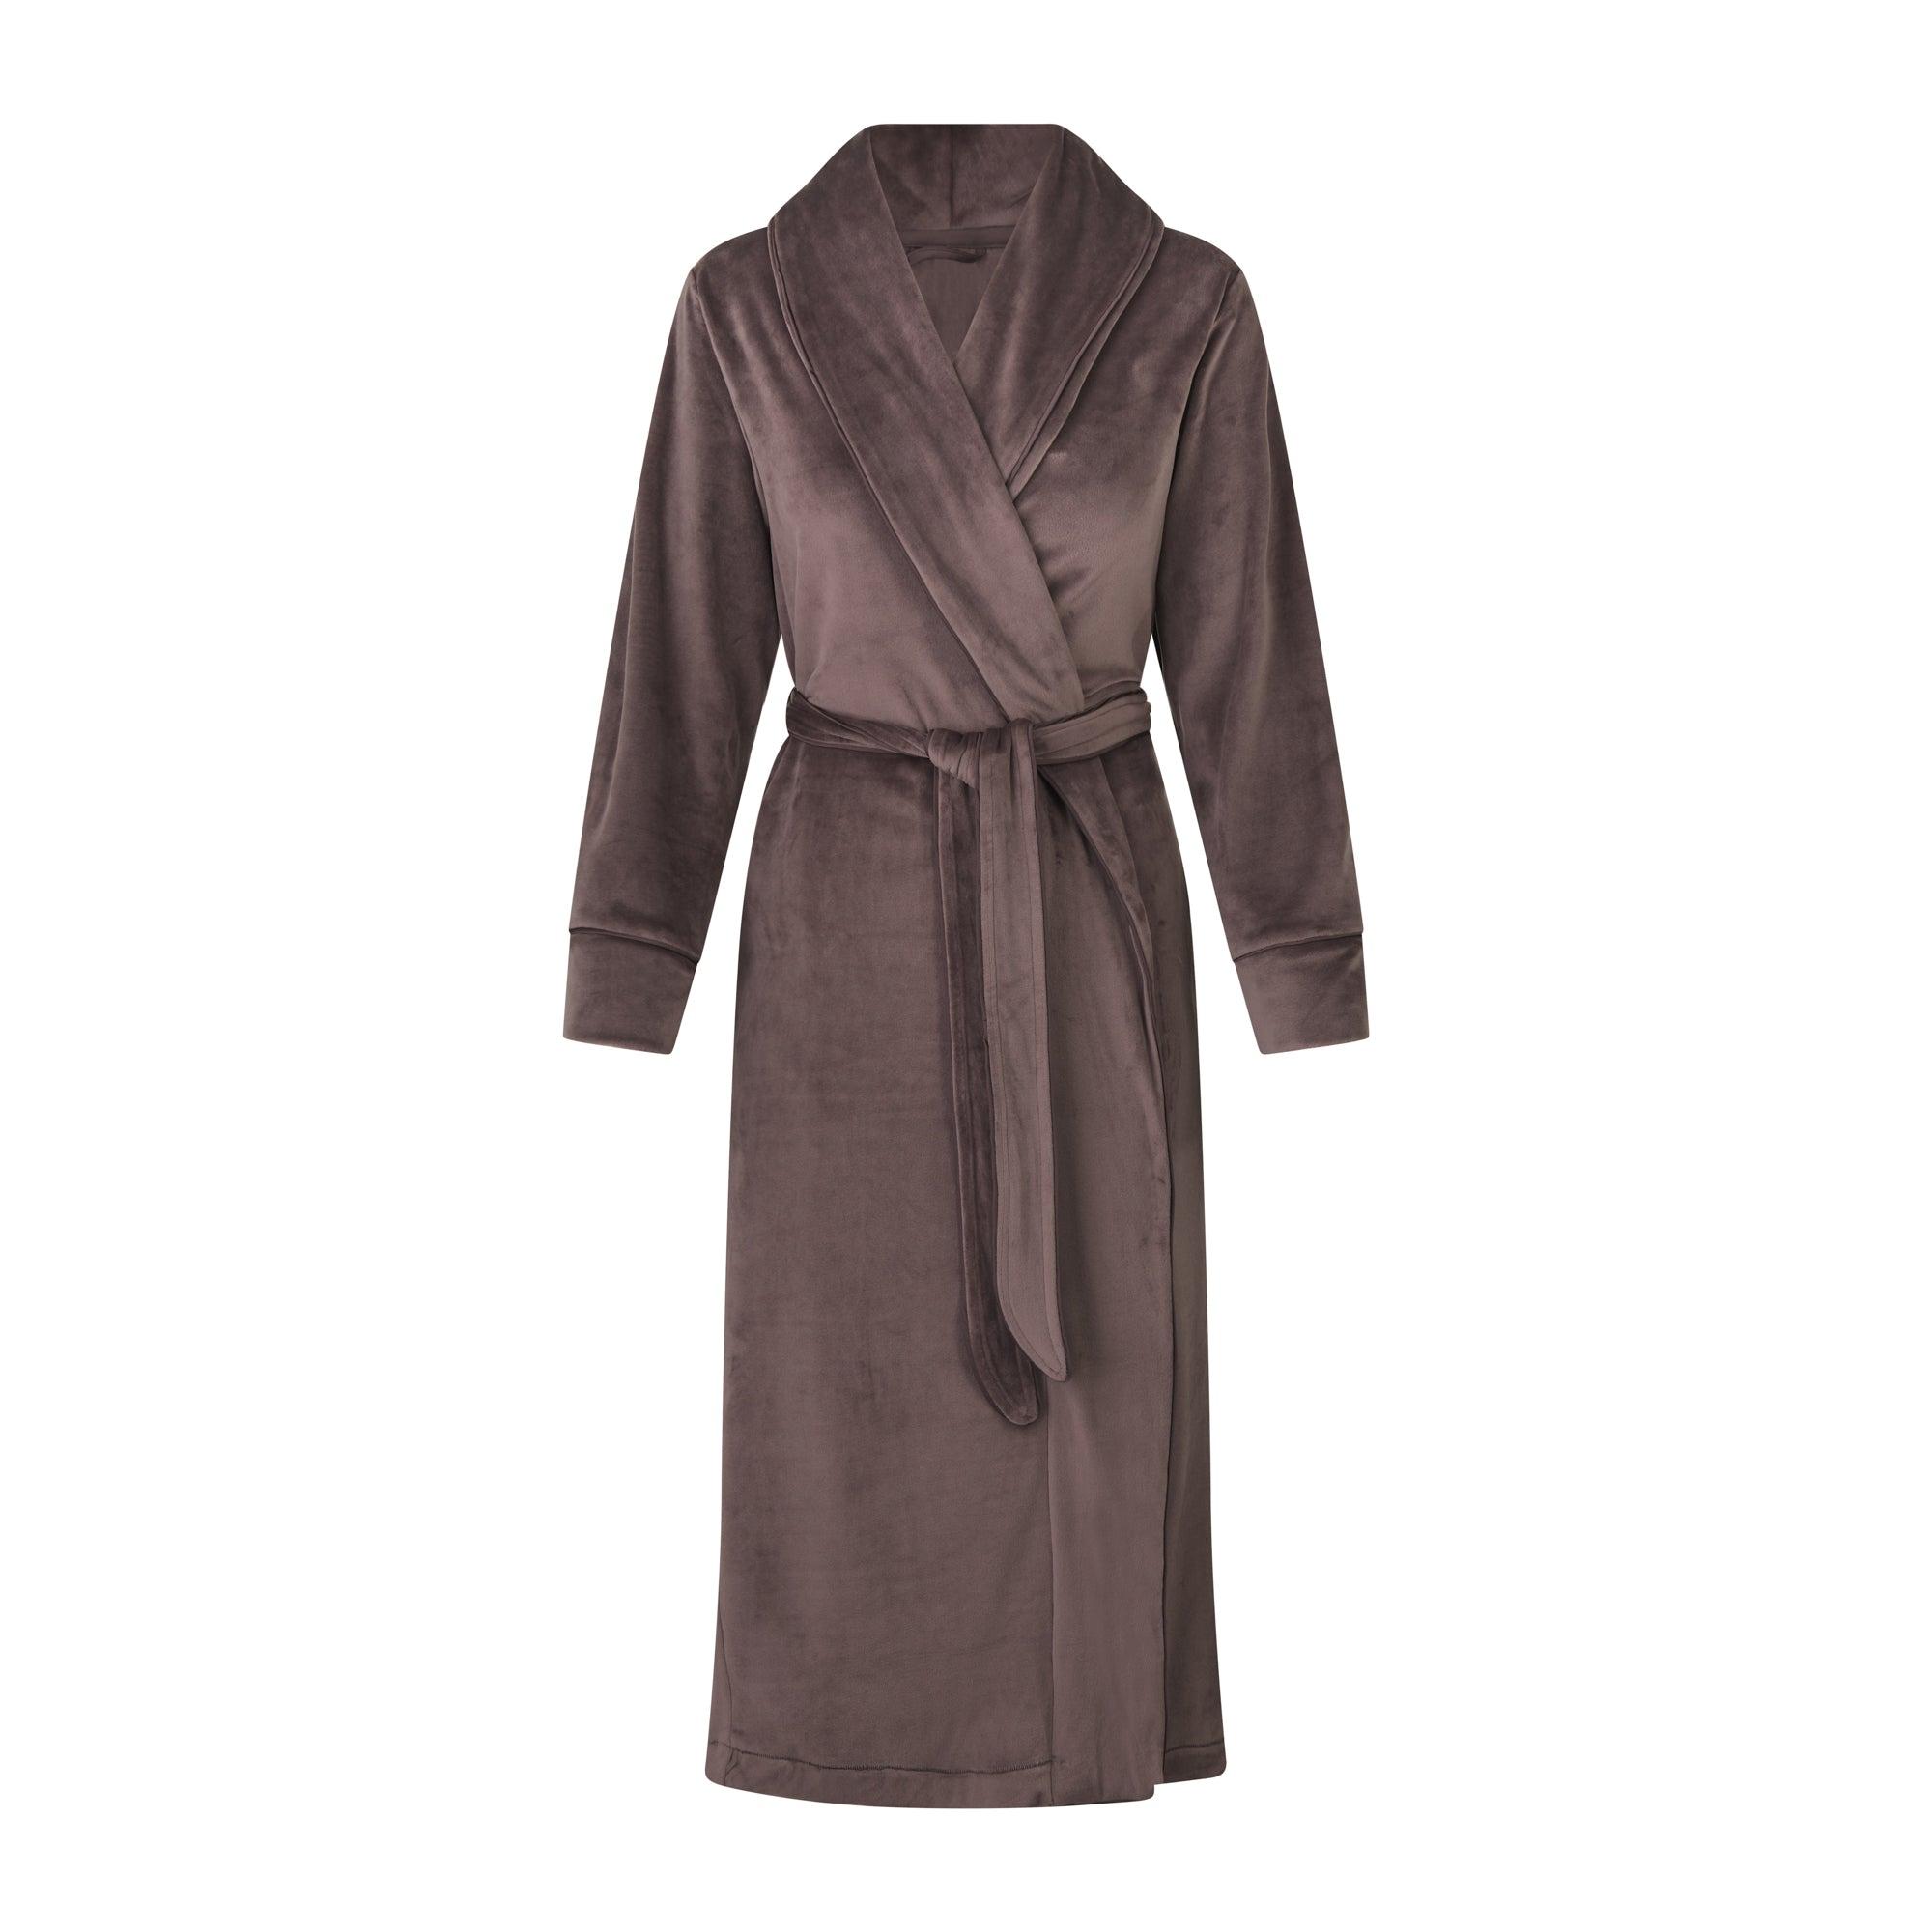 SKIMS Women's Velour Long Robe - Brown - Size 2XL; Brown